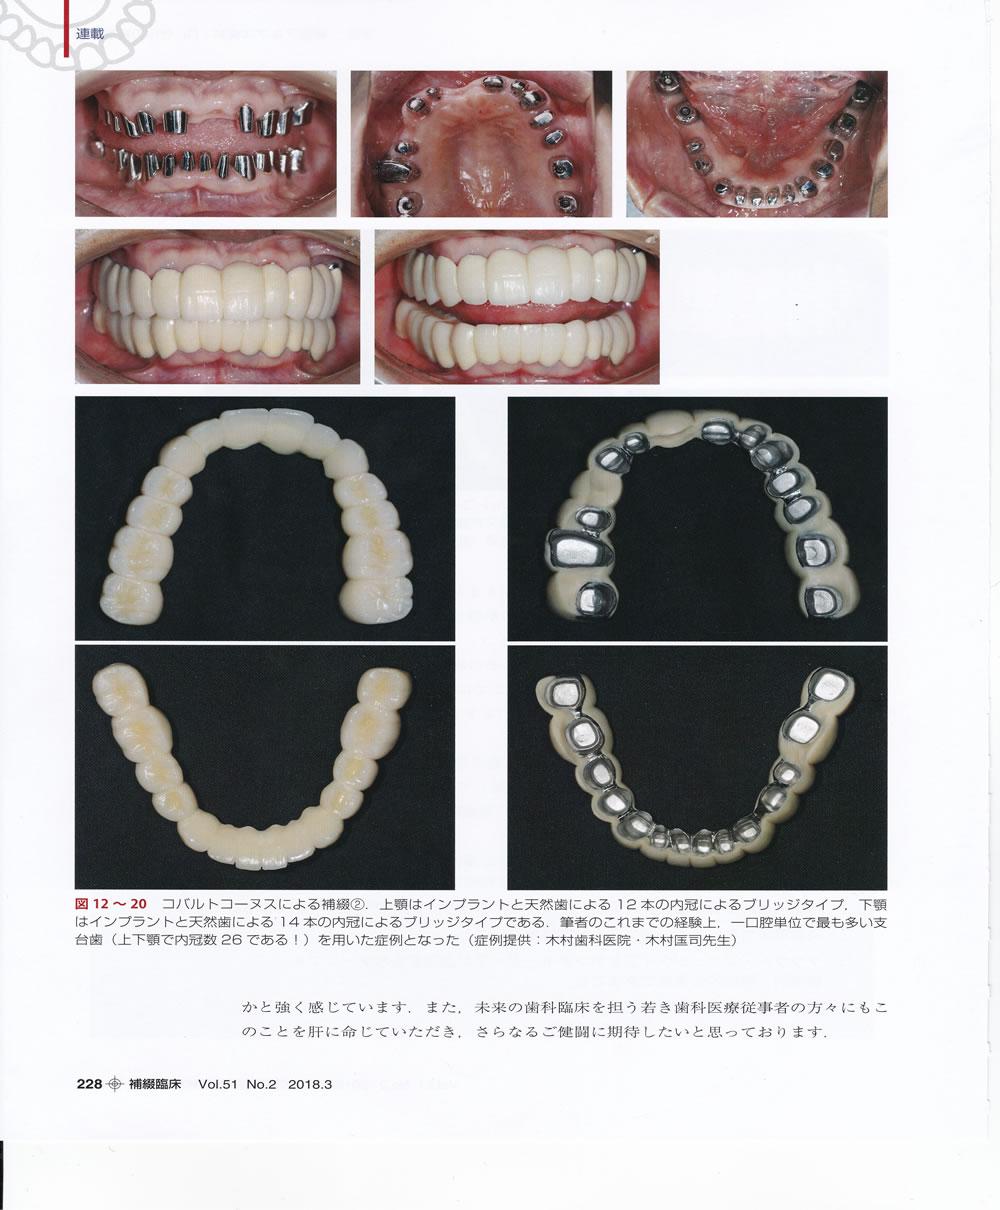 コバルトコーヌスクローネ義歯症例説明